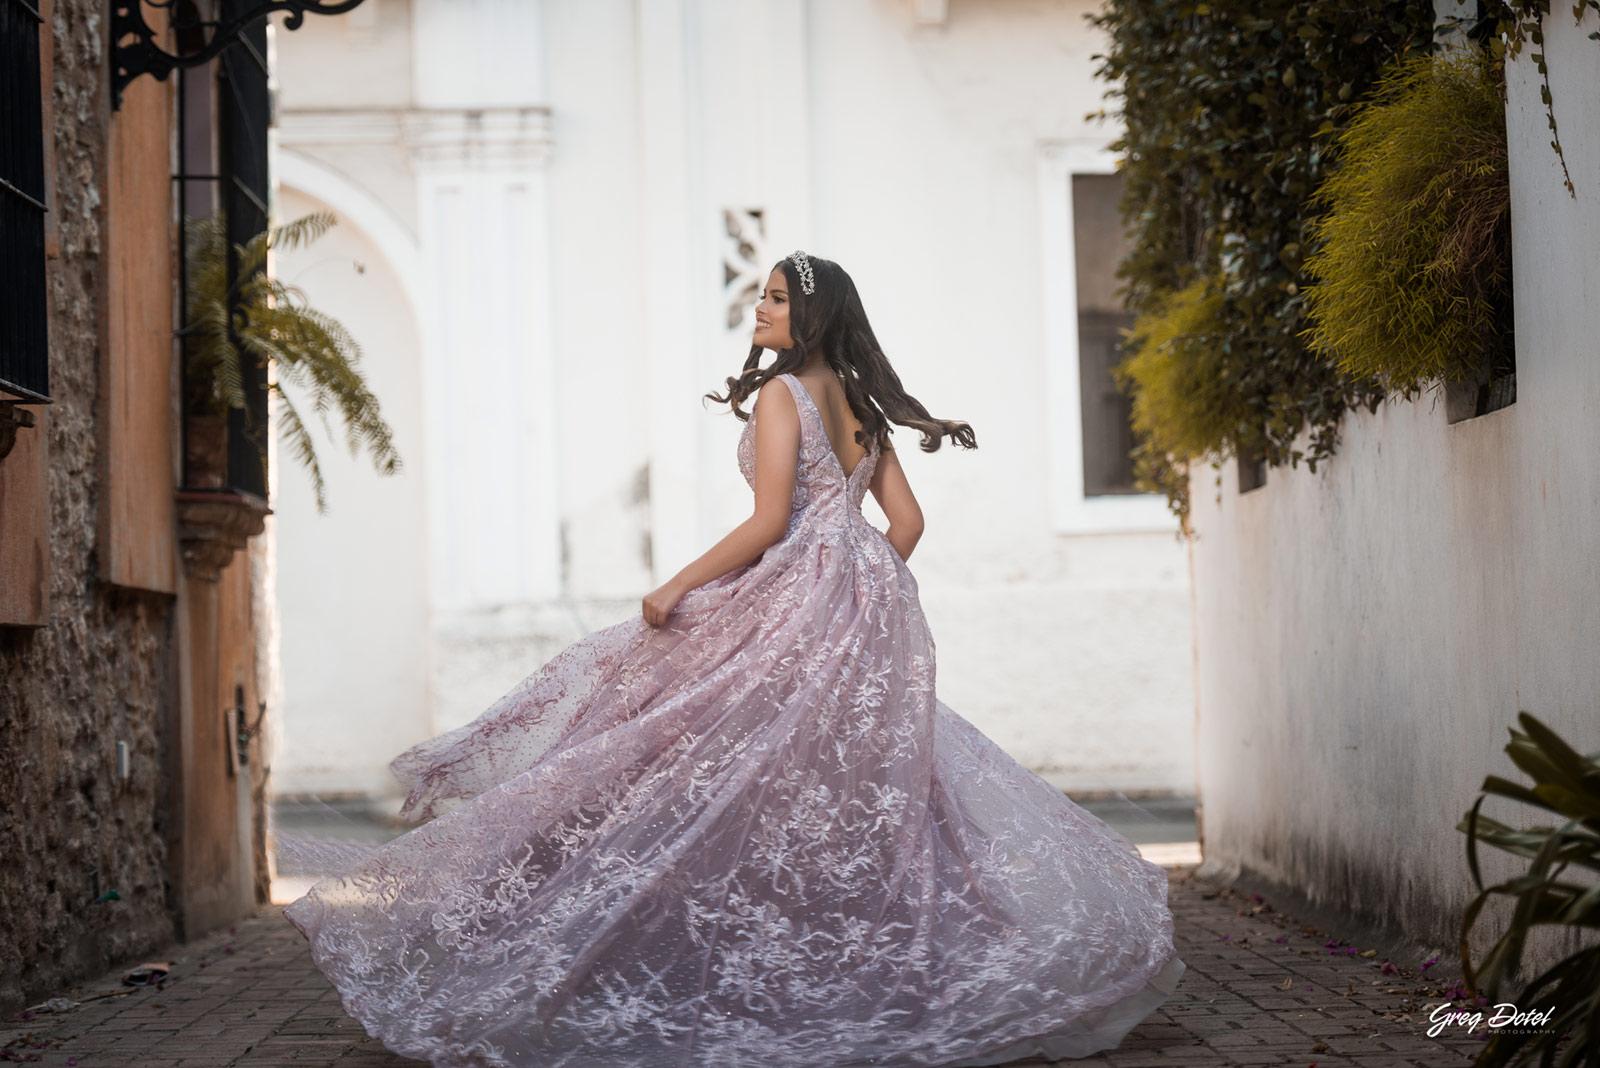 Sesion de fotos en Callejon de los Curas, Zona Colonial de Santo Domingo, República Dominicana